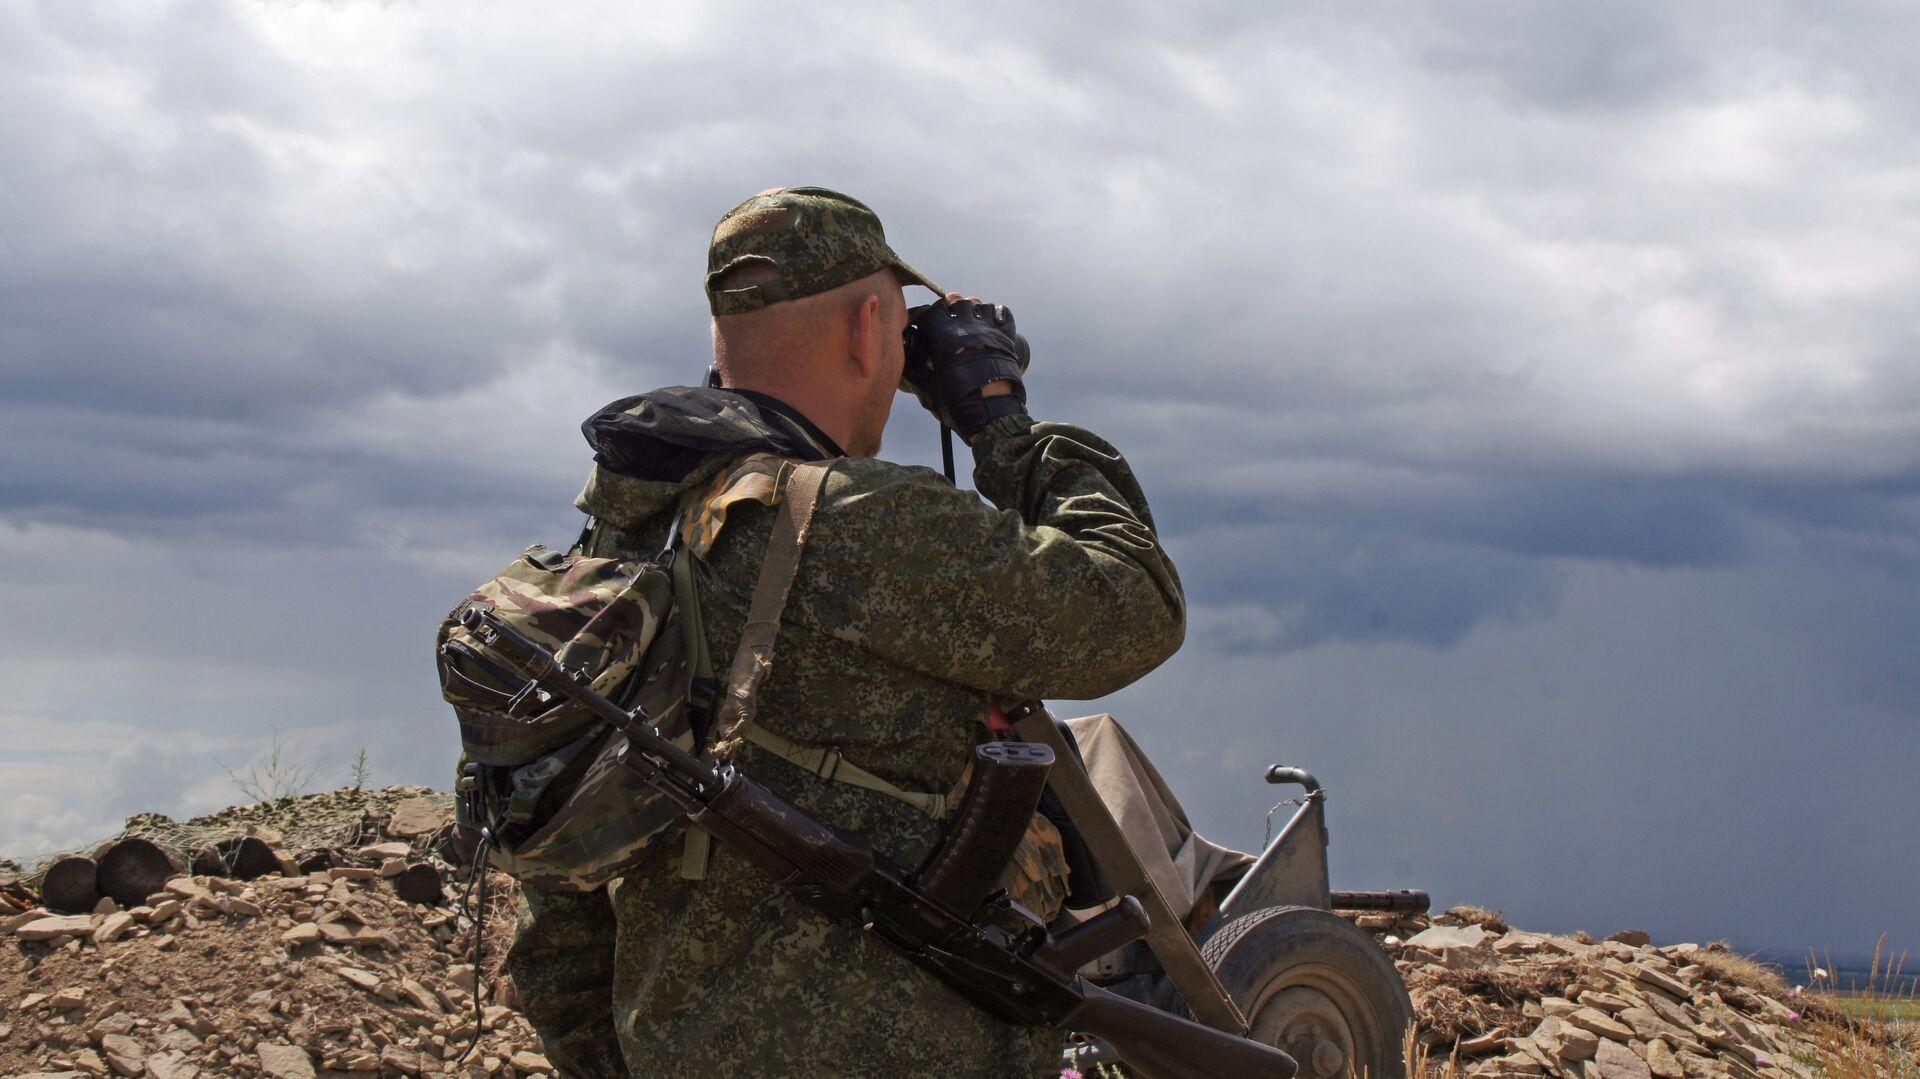 Военнослужащий Народной милиции ЛНР на позициях у линии соприкосновения в Донбассе - РИА Новости, 1920, 06.12.2020